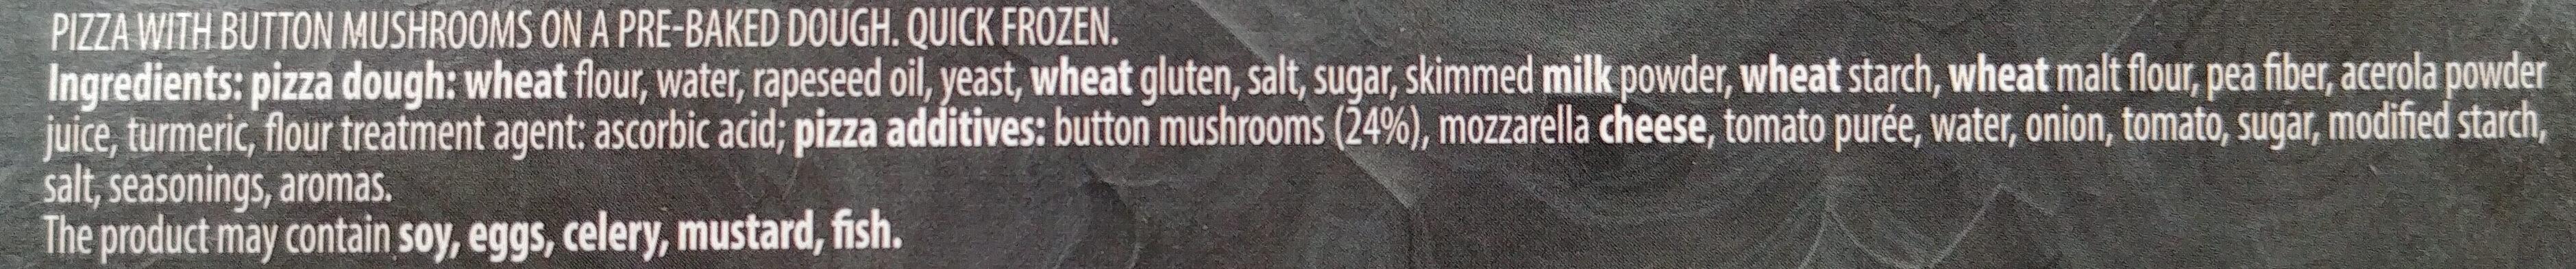 Pizza z pieczarkami na podpieczonym spodzie. Produkt głęboko mrożony. - Ingredients